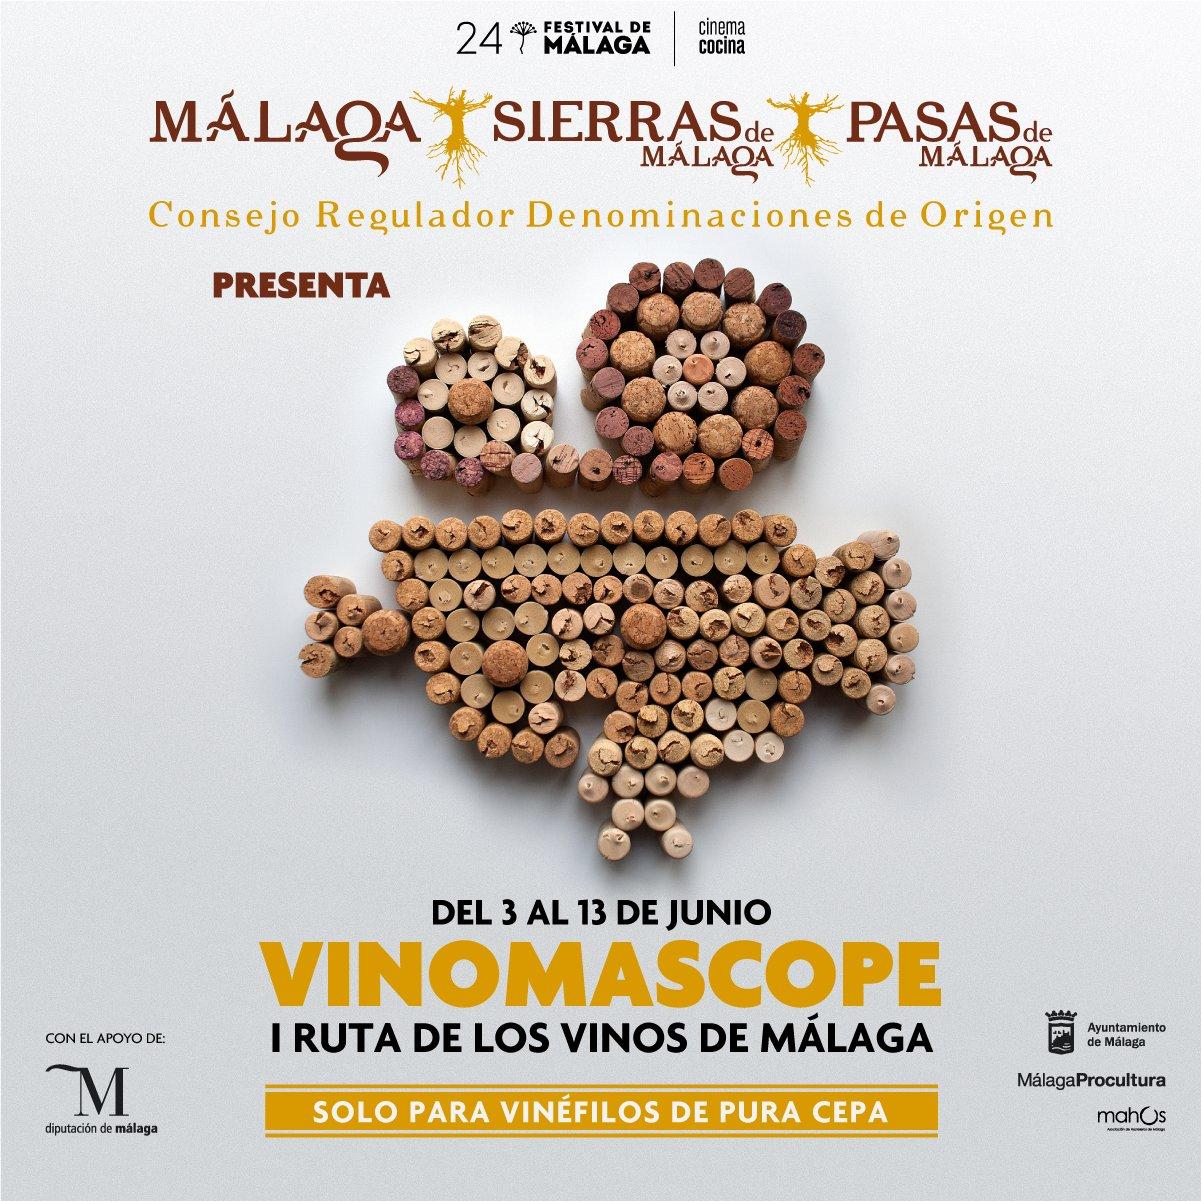 Tu primera parada de Cine en la Ruta Vinomascope I Ruta de los Vinos de Málaga